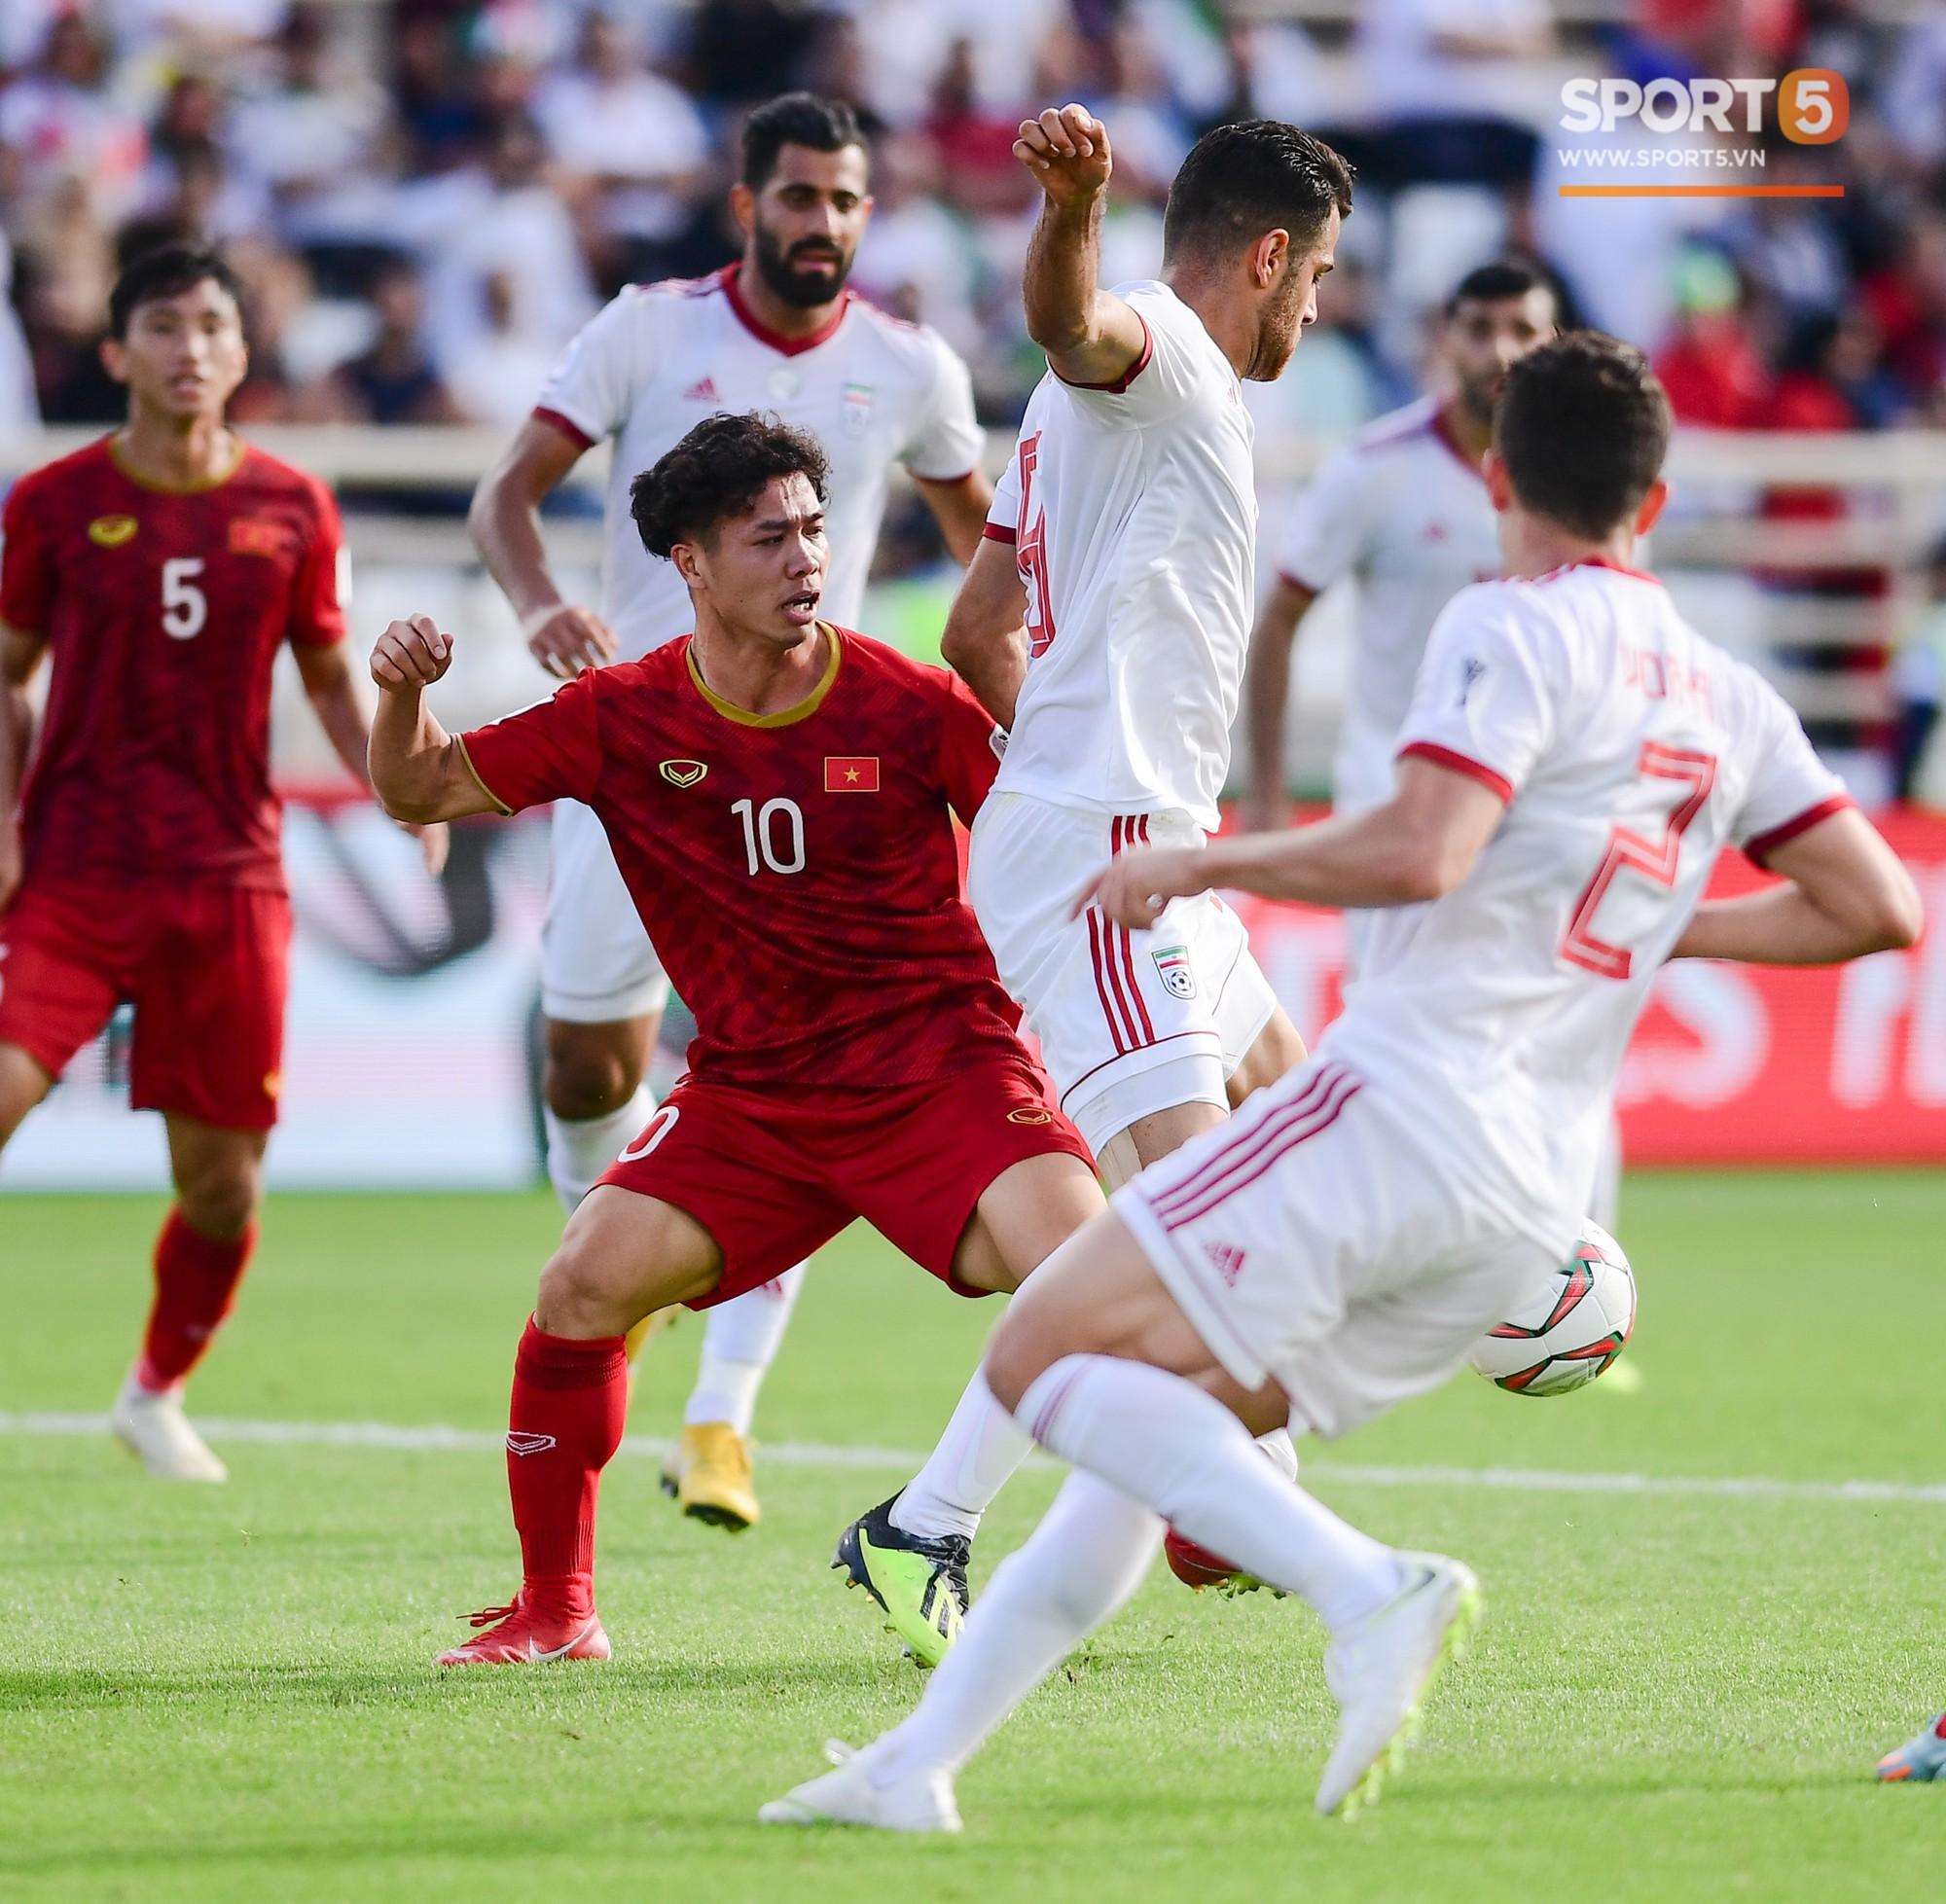 Thua Iran nhưng tinh thần quả cảm của các chàng trai Việt Nam đã đánh cắp trái tim fan quốc tế - Ảnh 3.